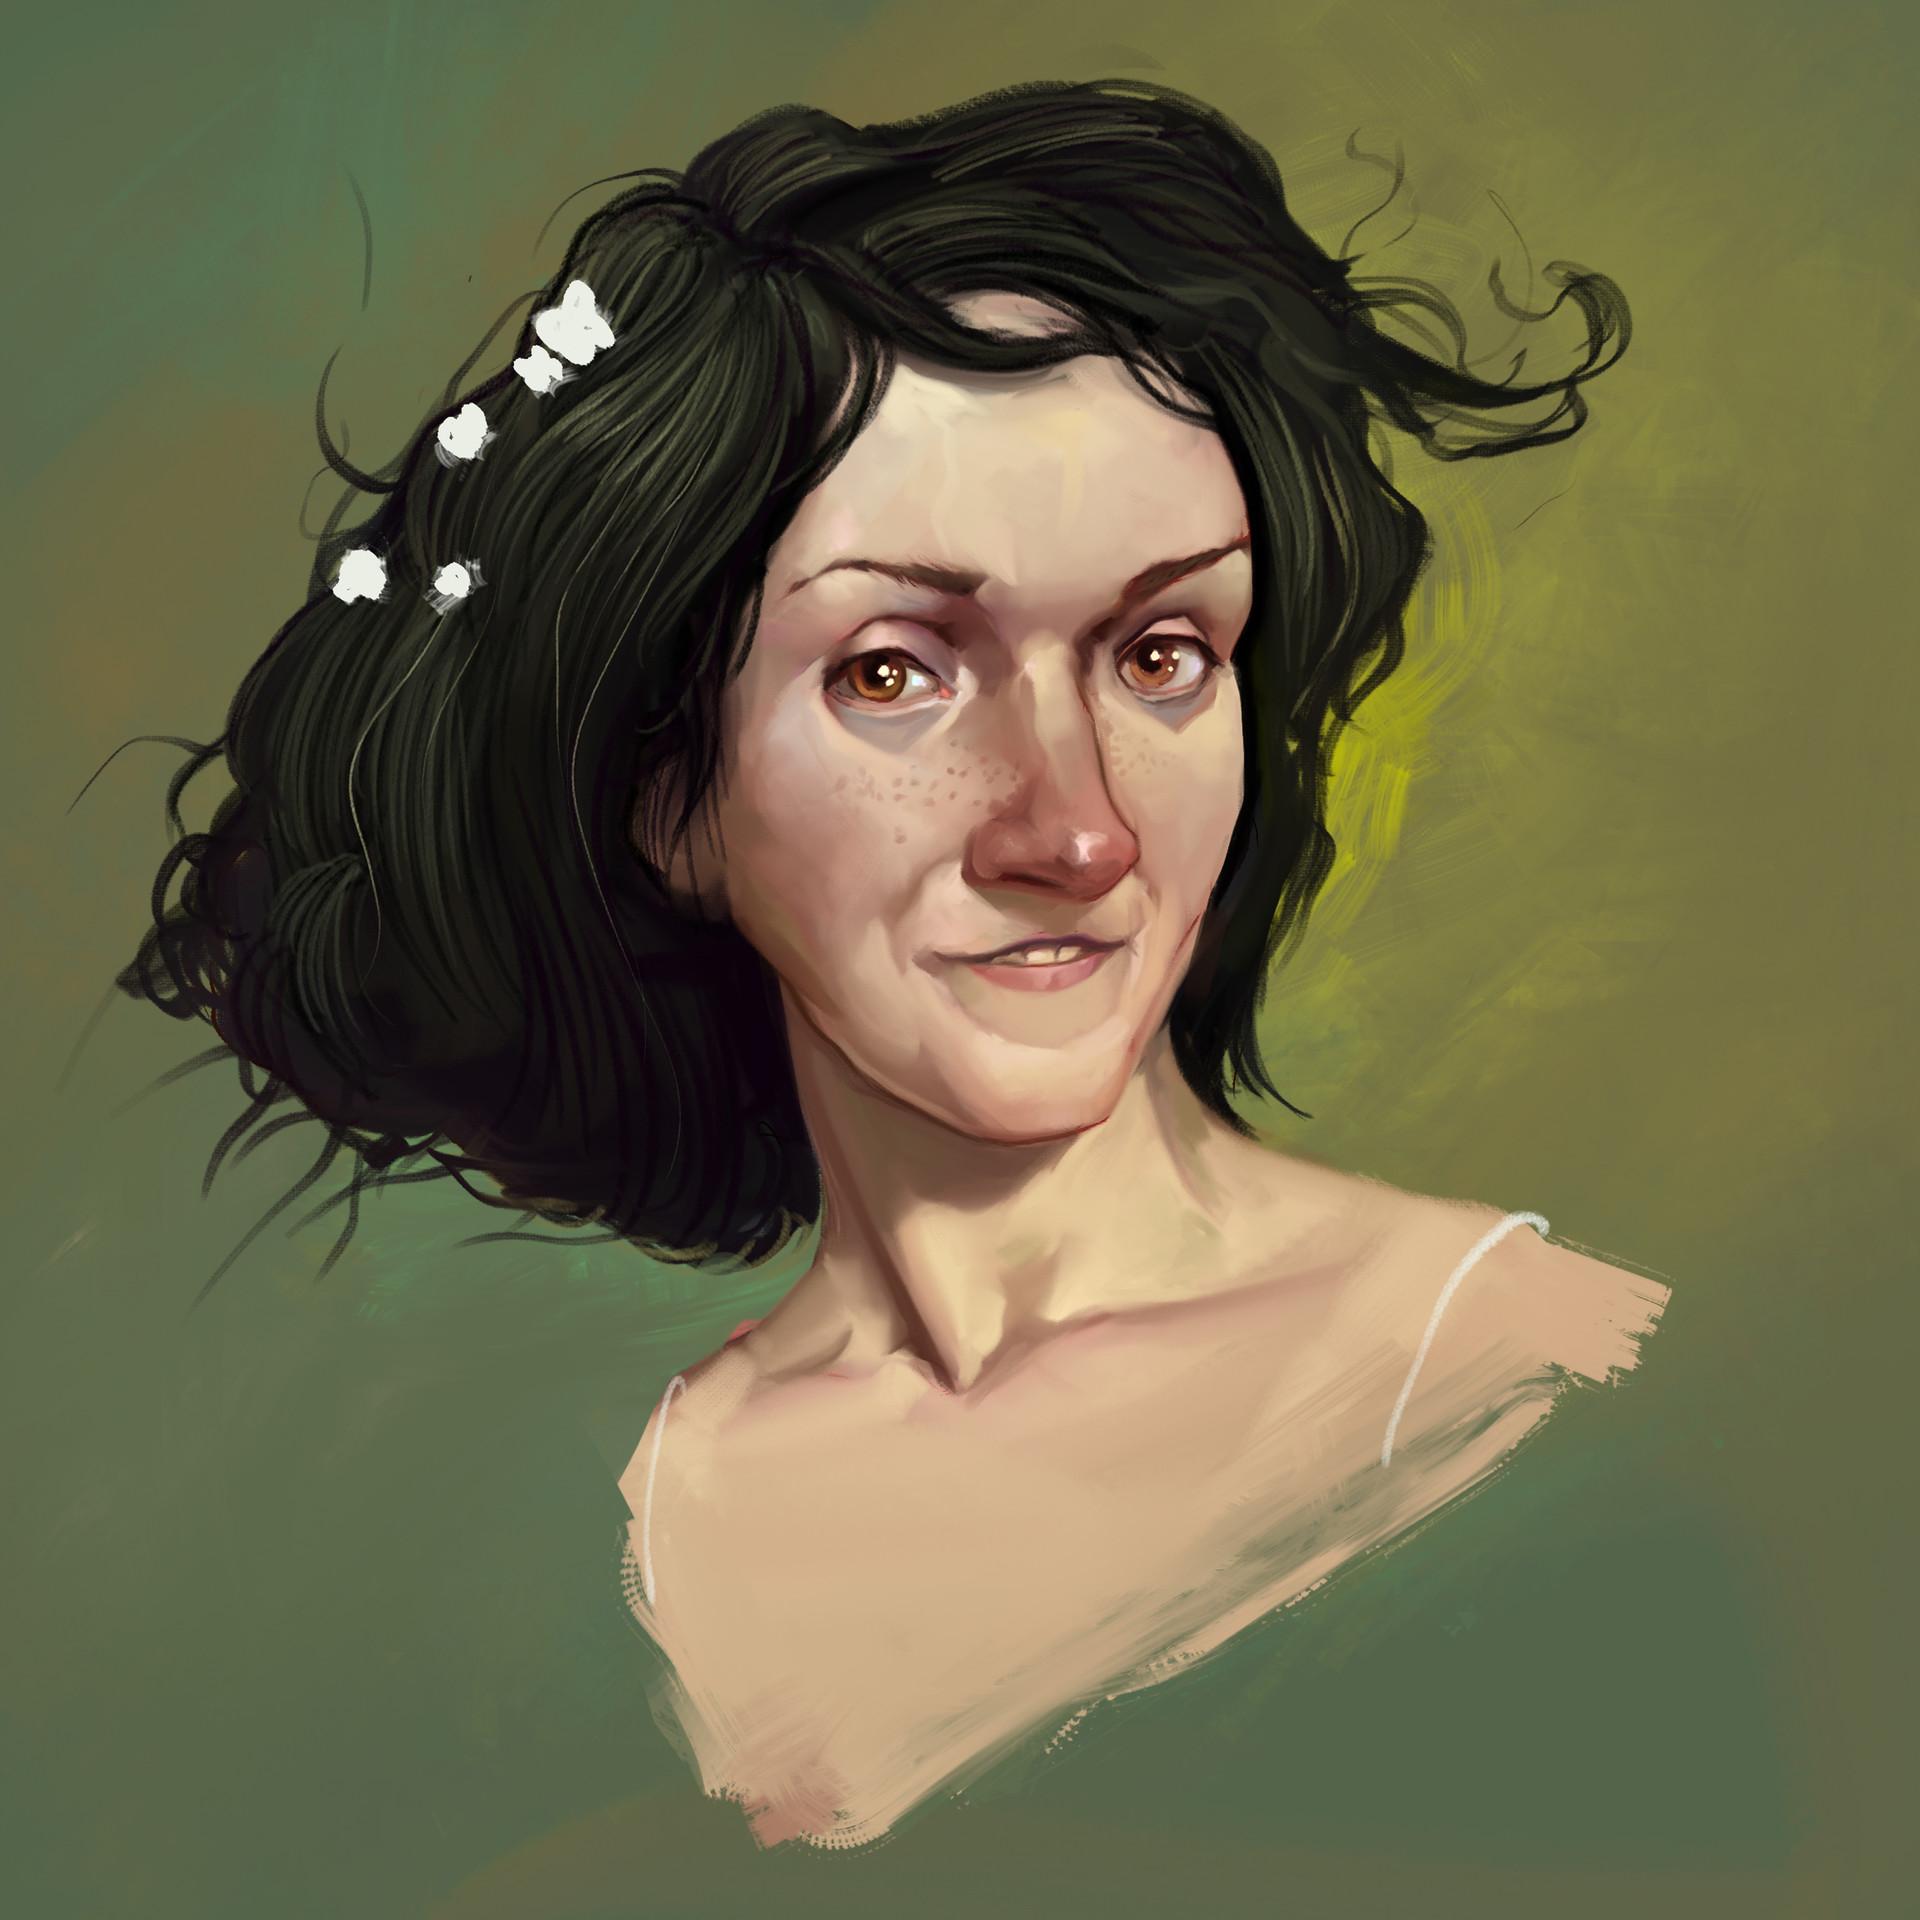 Nikita orlov portrait 6